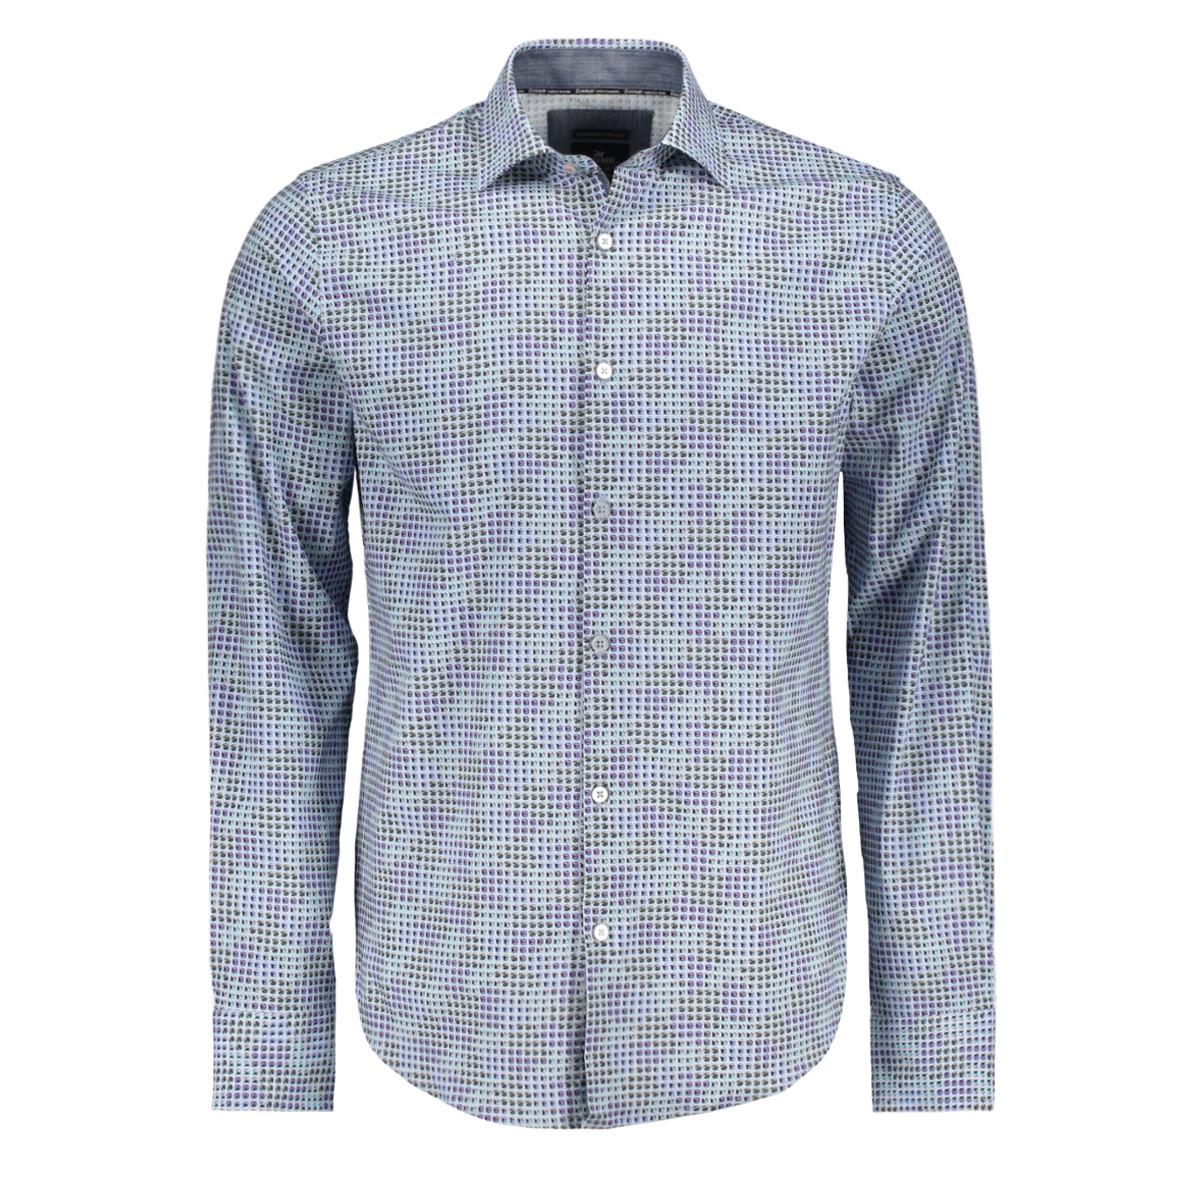 Blauw geprint heren overhemd Vanguard - VSI188402